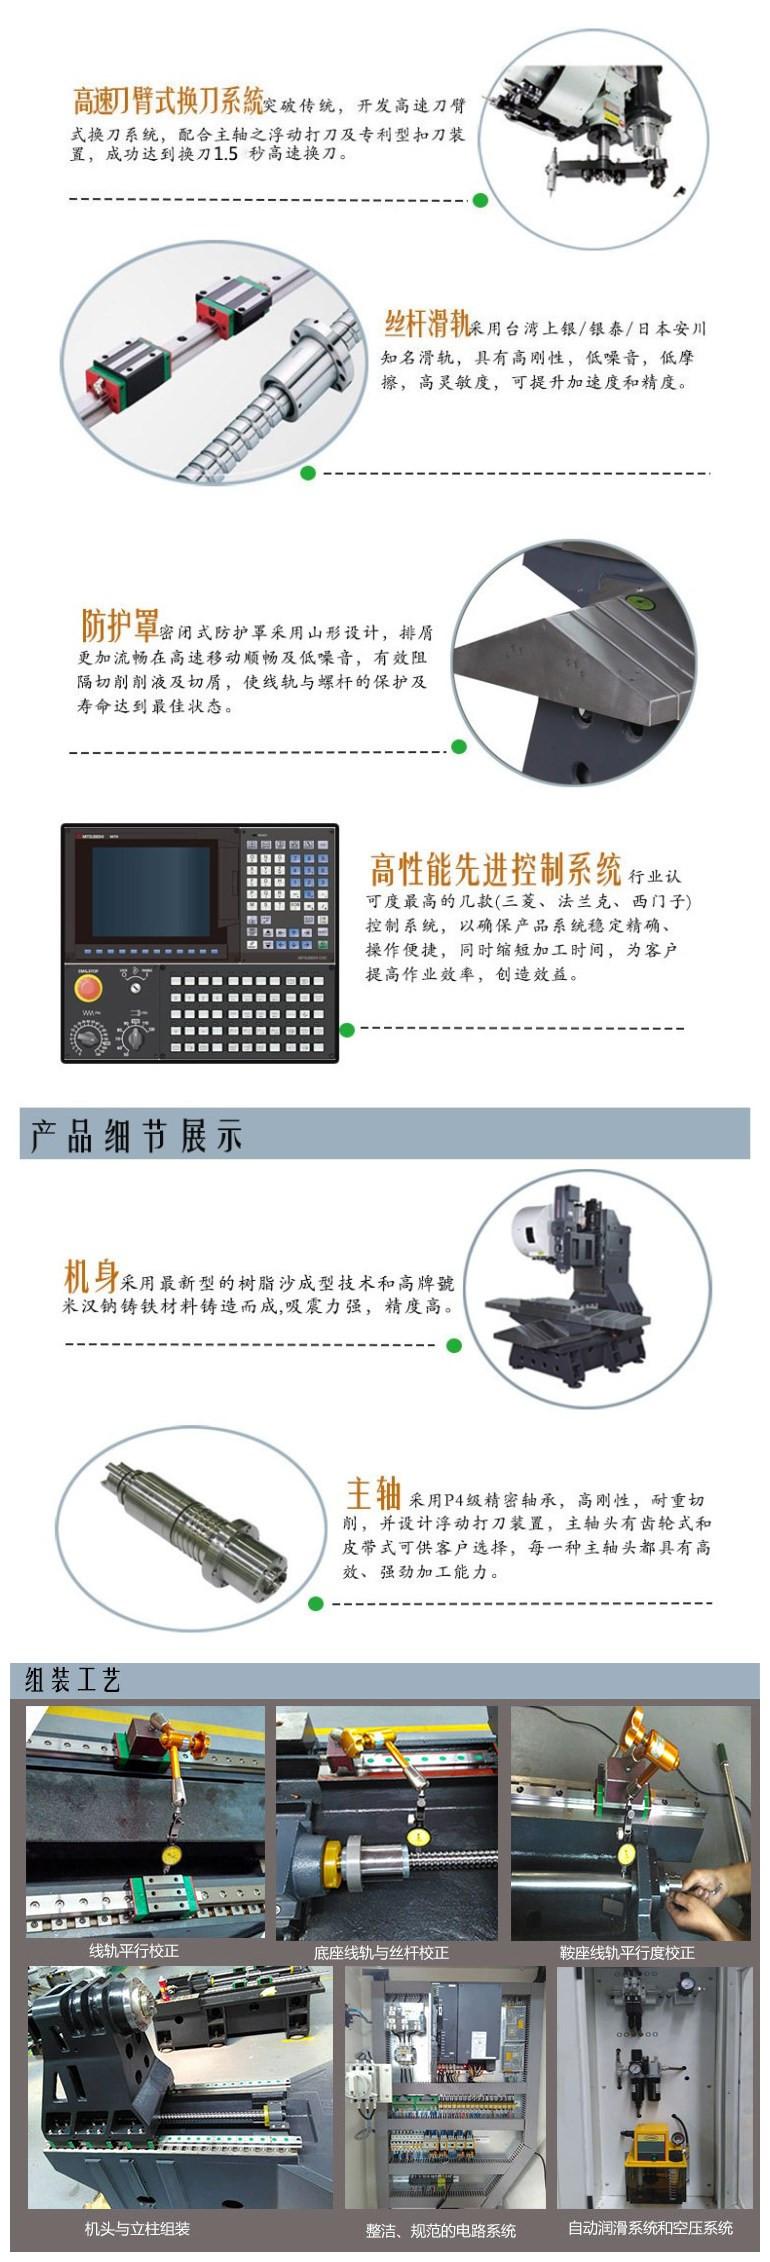 经济型VMC640加工中心光机三轴线规小型立式数控加工中心圆盘刀库示例图7